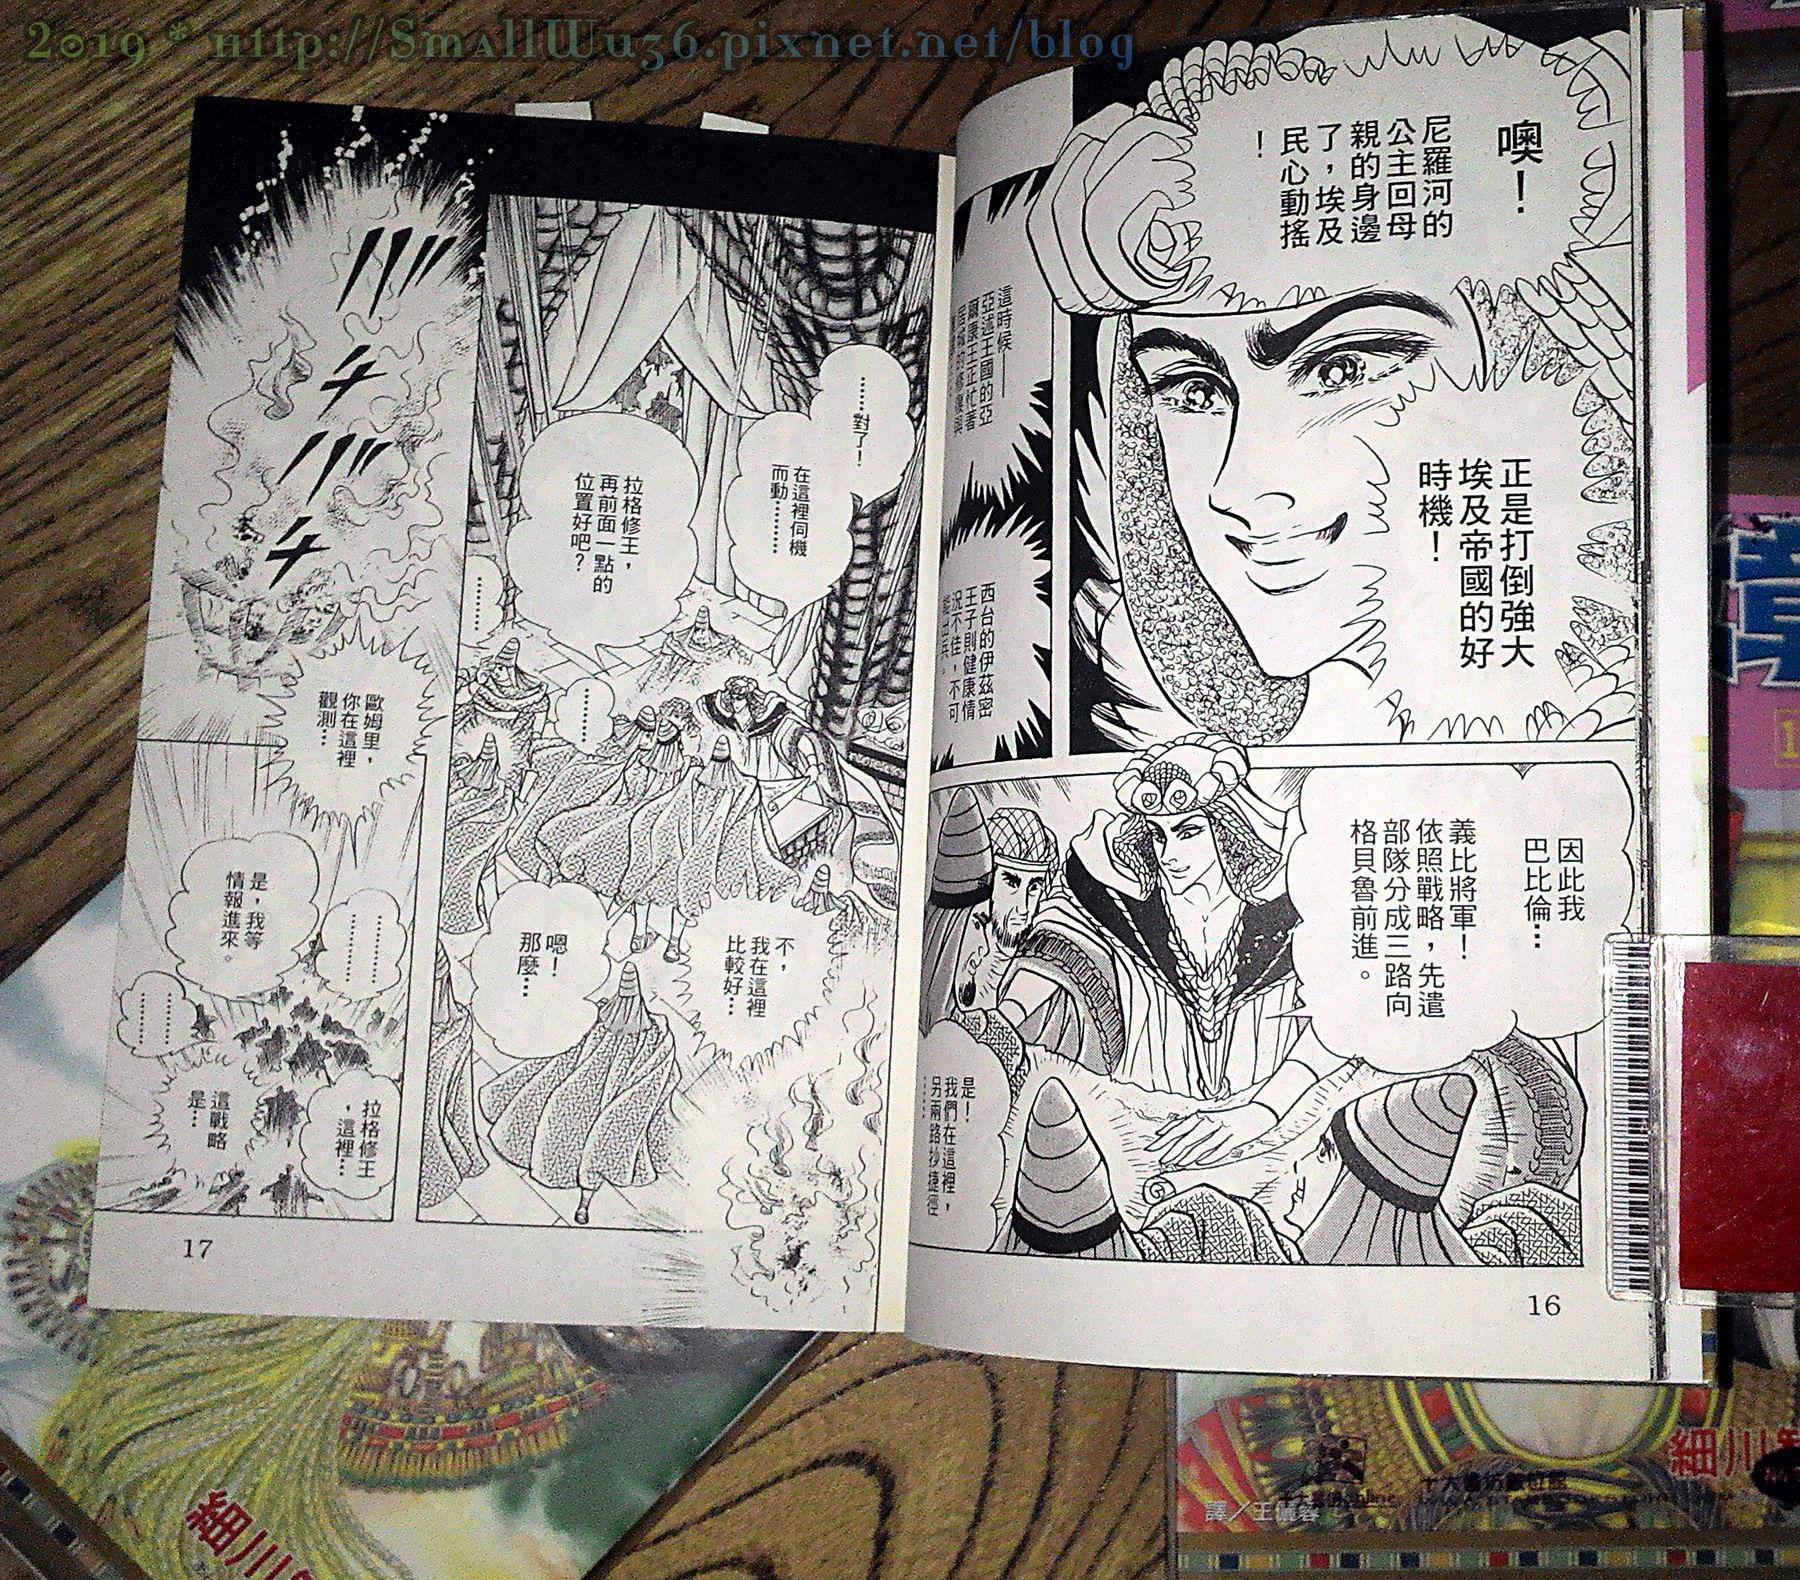 細川智榮子-王家的紋章(尼羅河女兒) 11-26 (長鴻)  vol_22.jpg